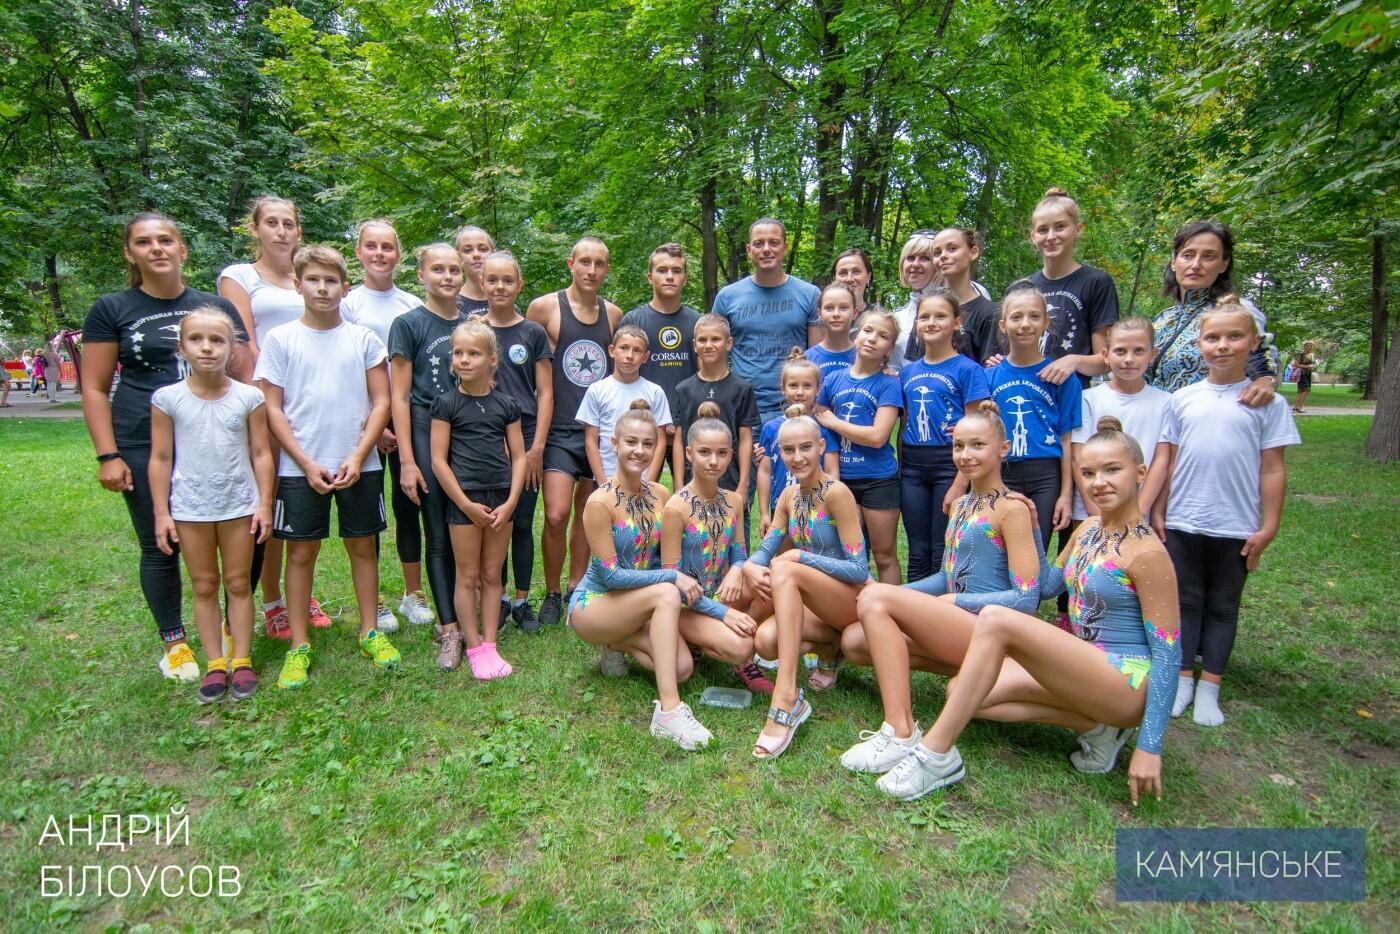 В Каменском прошел зрелищный спортивный фестиваль, фото-1